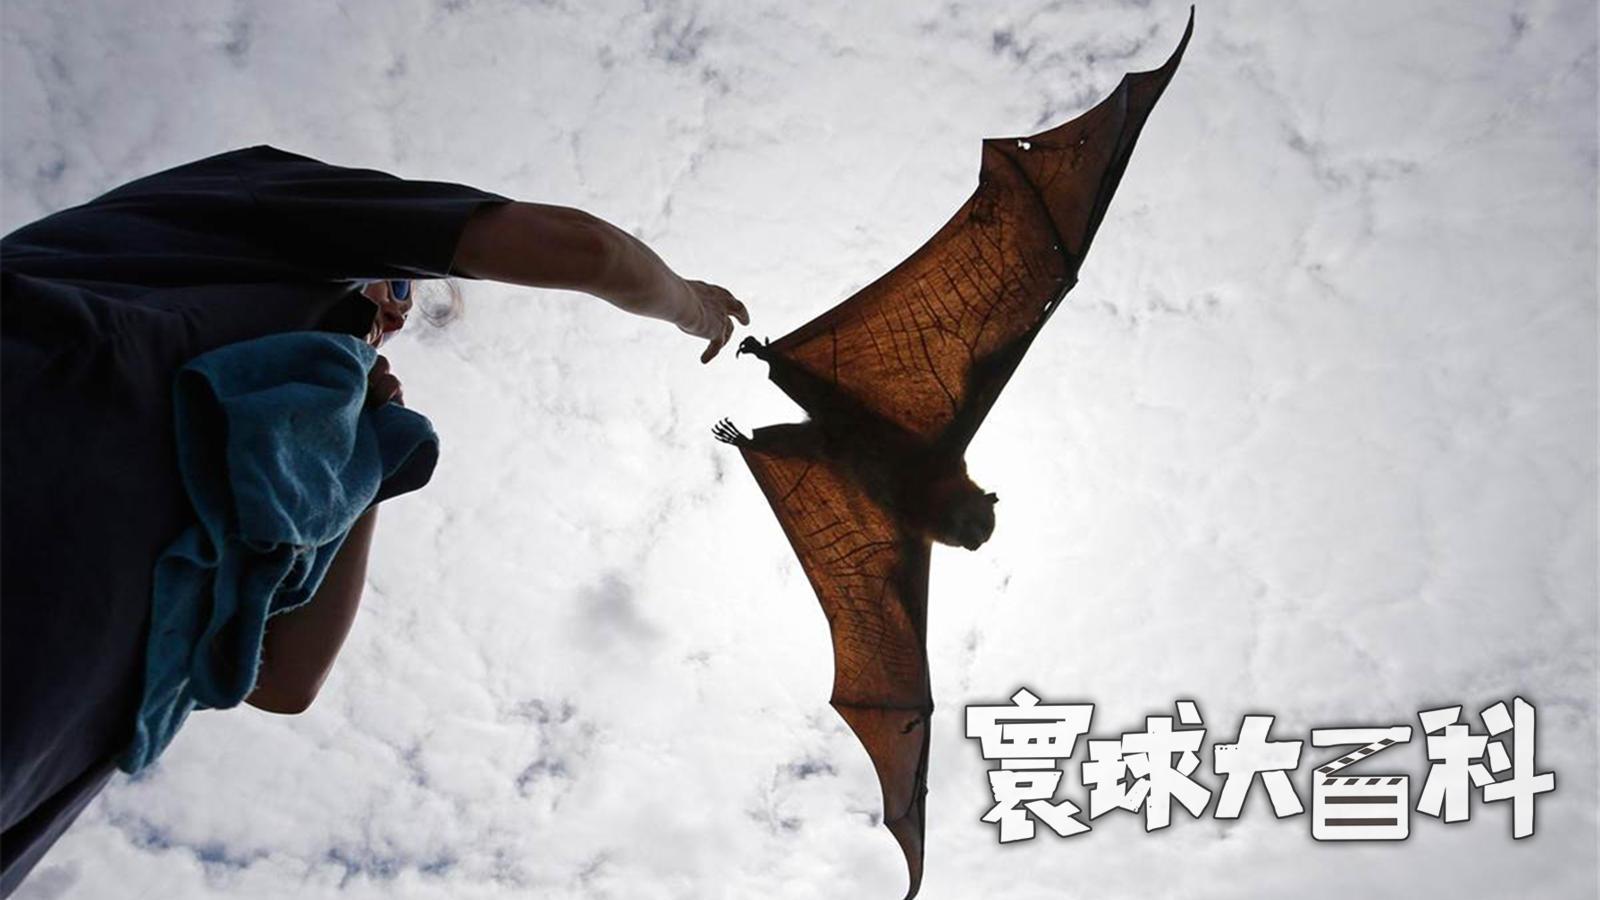 臂展2米酷似飞行的狐狸,电影《金刚》中的巨型蝙蝠确实存在